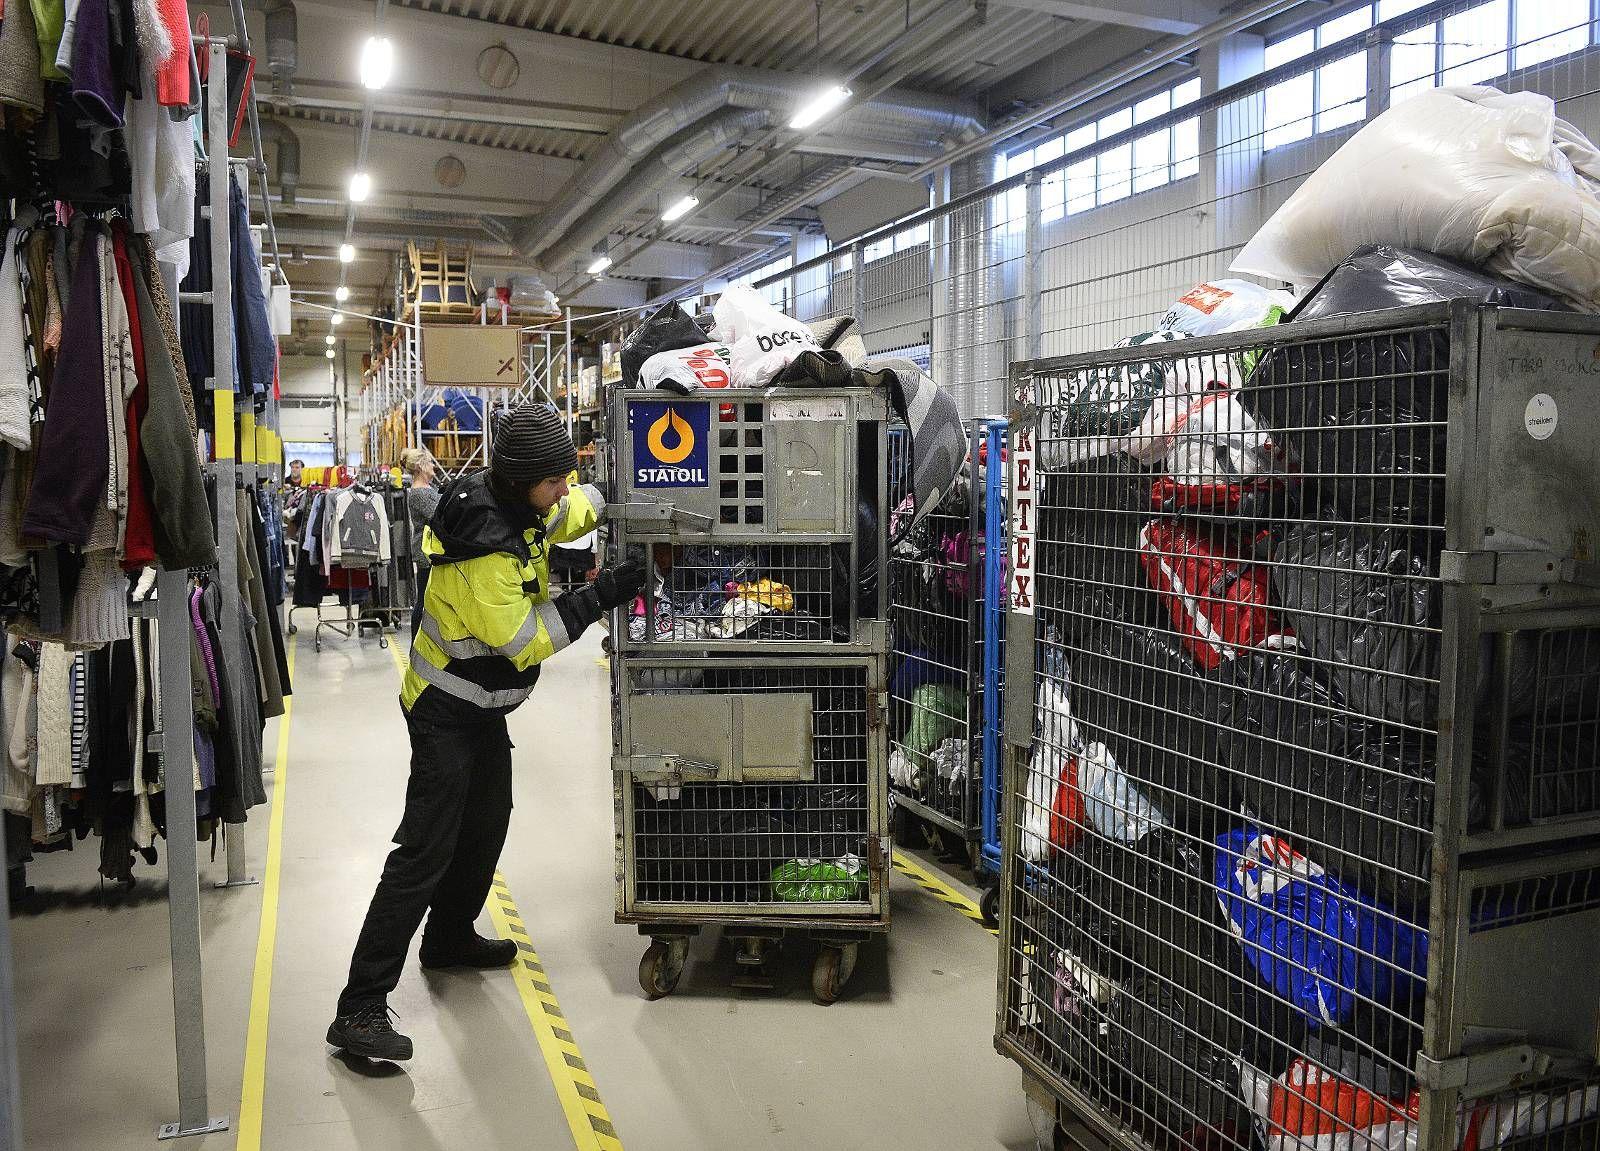 d0da20f51 Merkeklær rett til Fretex - Stavanger Aftenblad